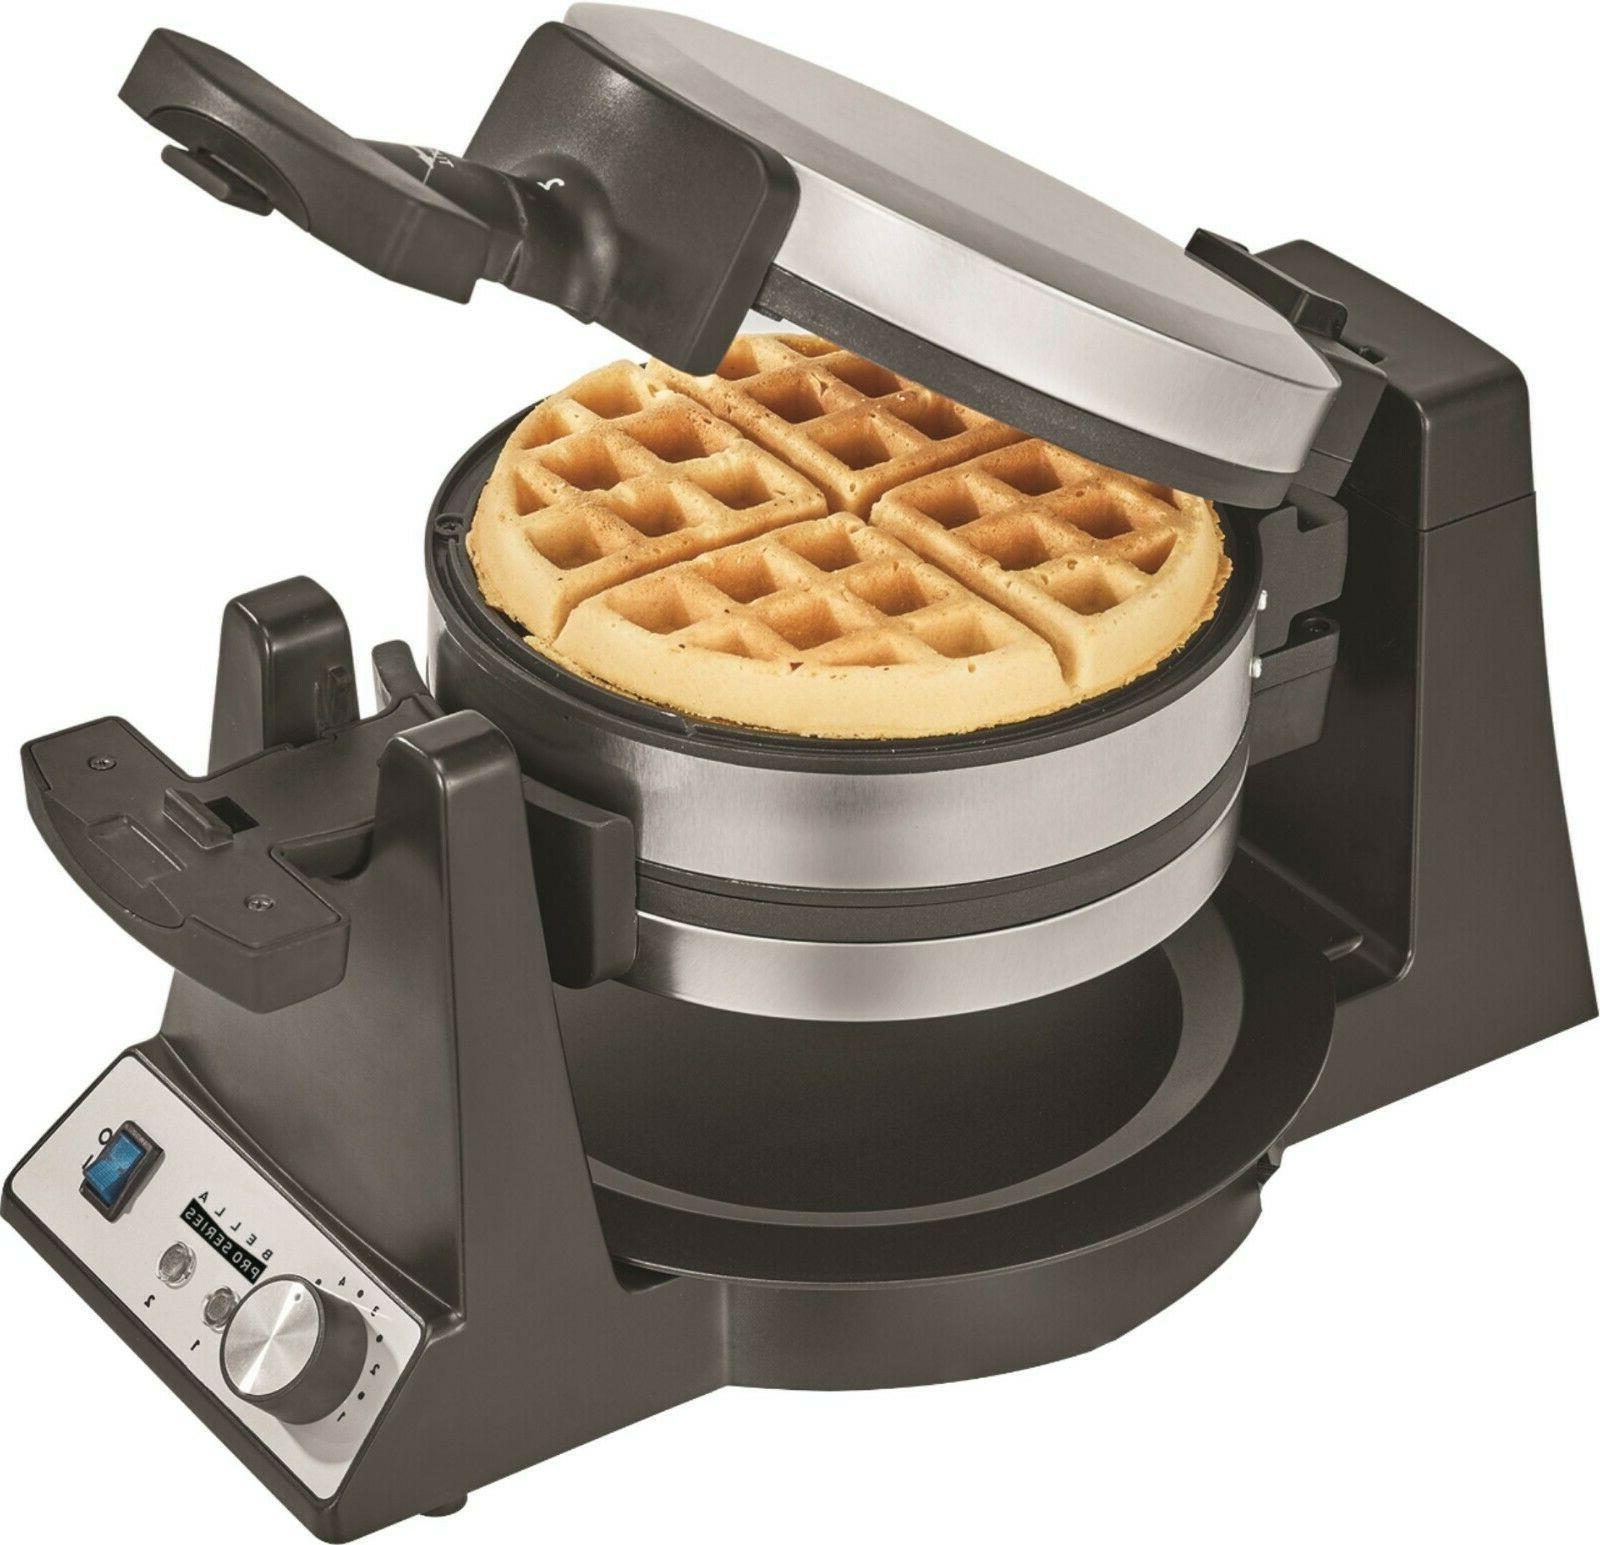 Bella Pro Series Belgian Flip Waffle Maker Stainless Steel